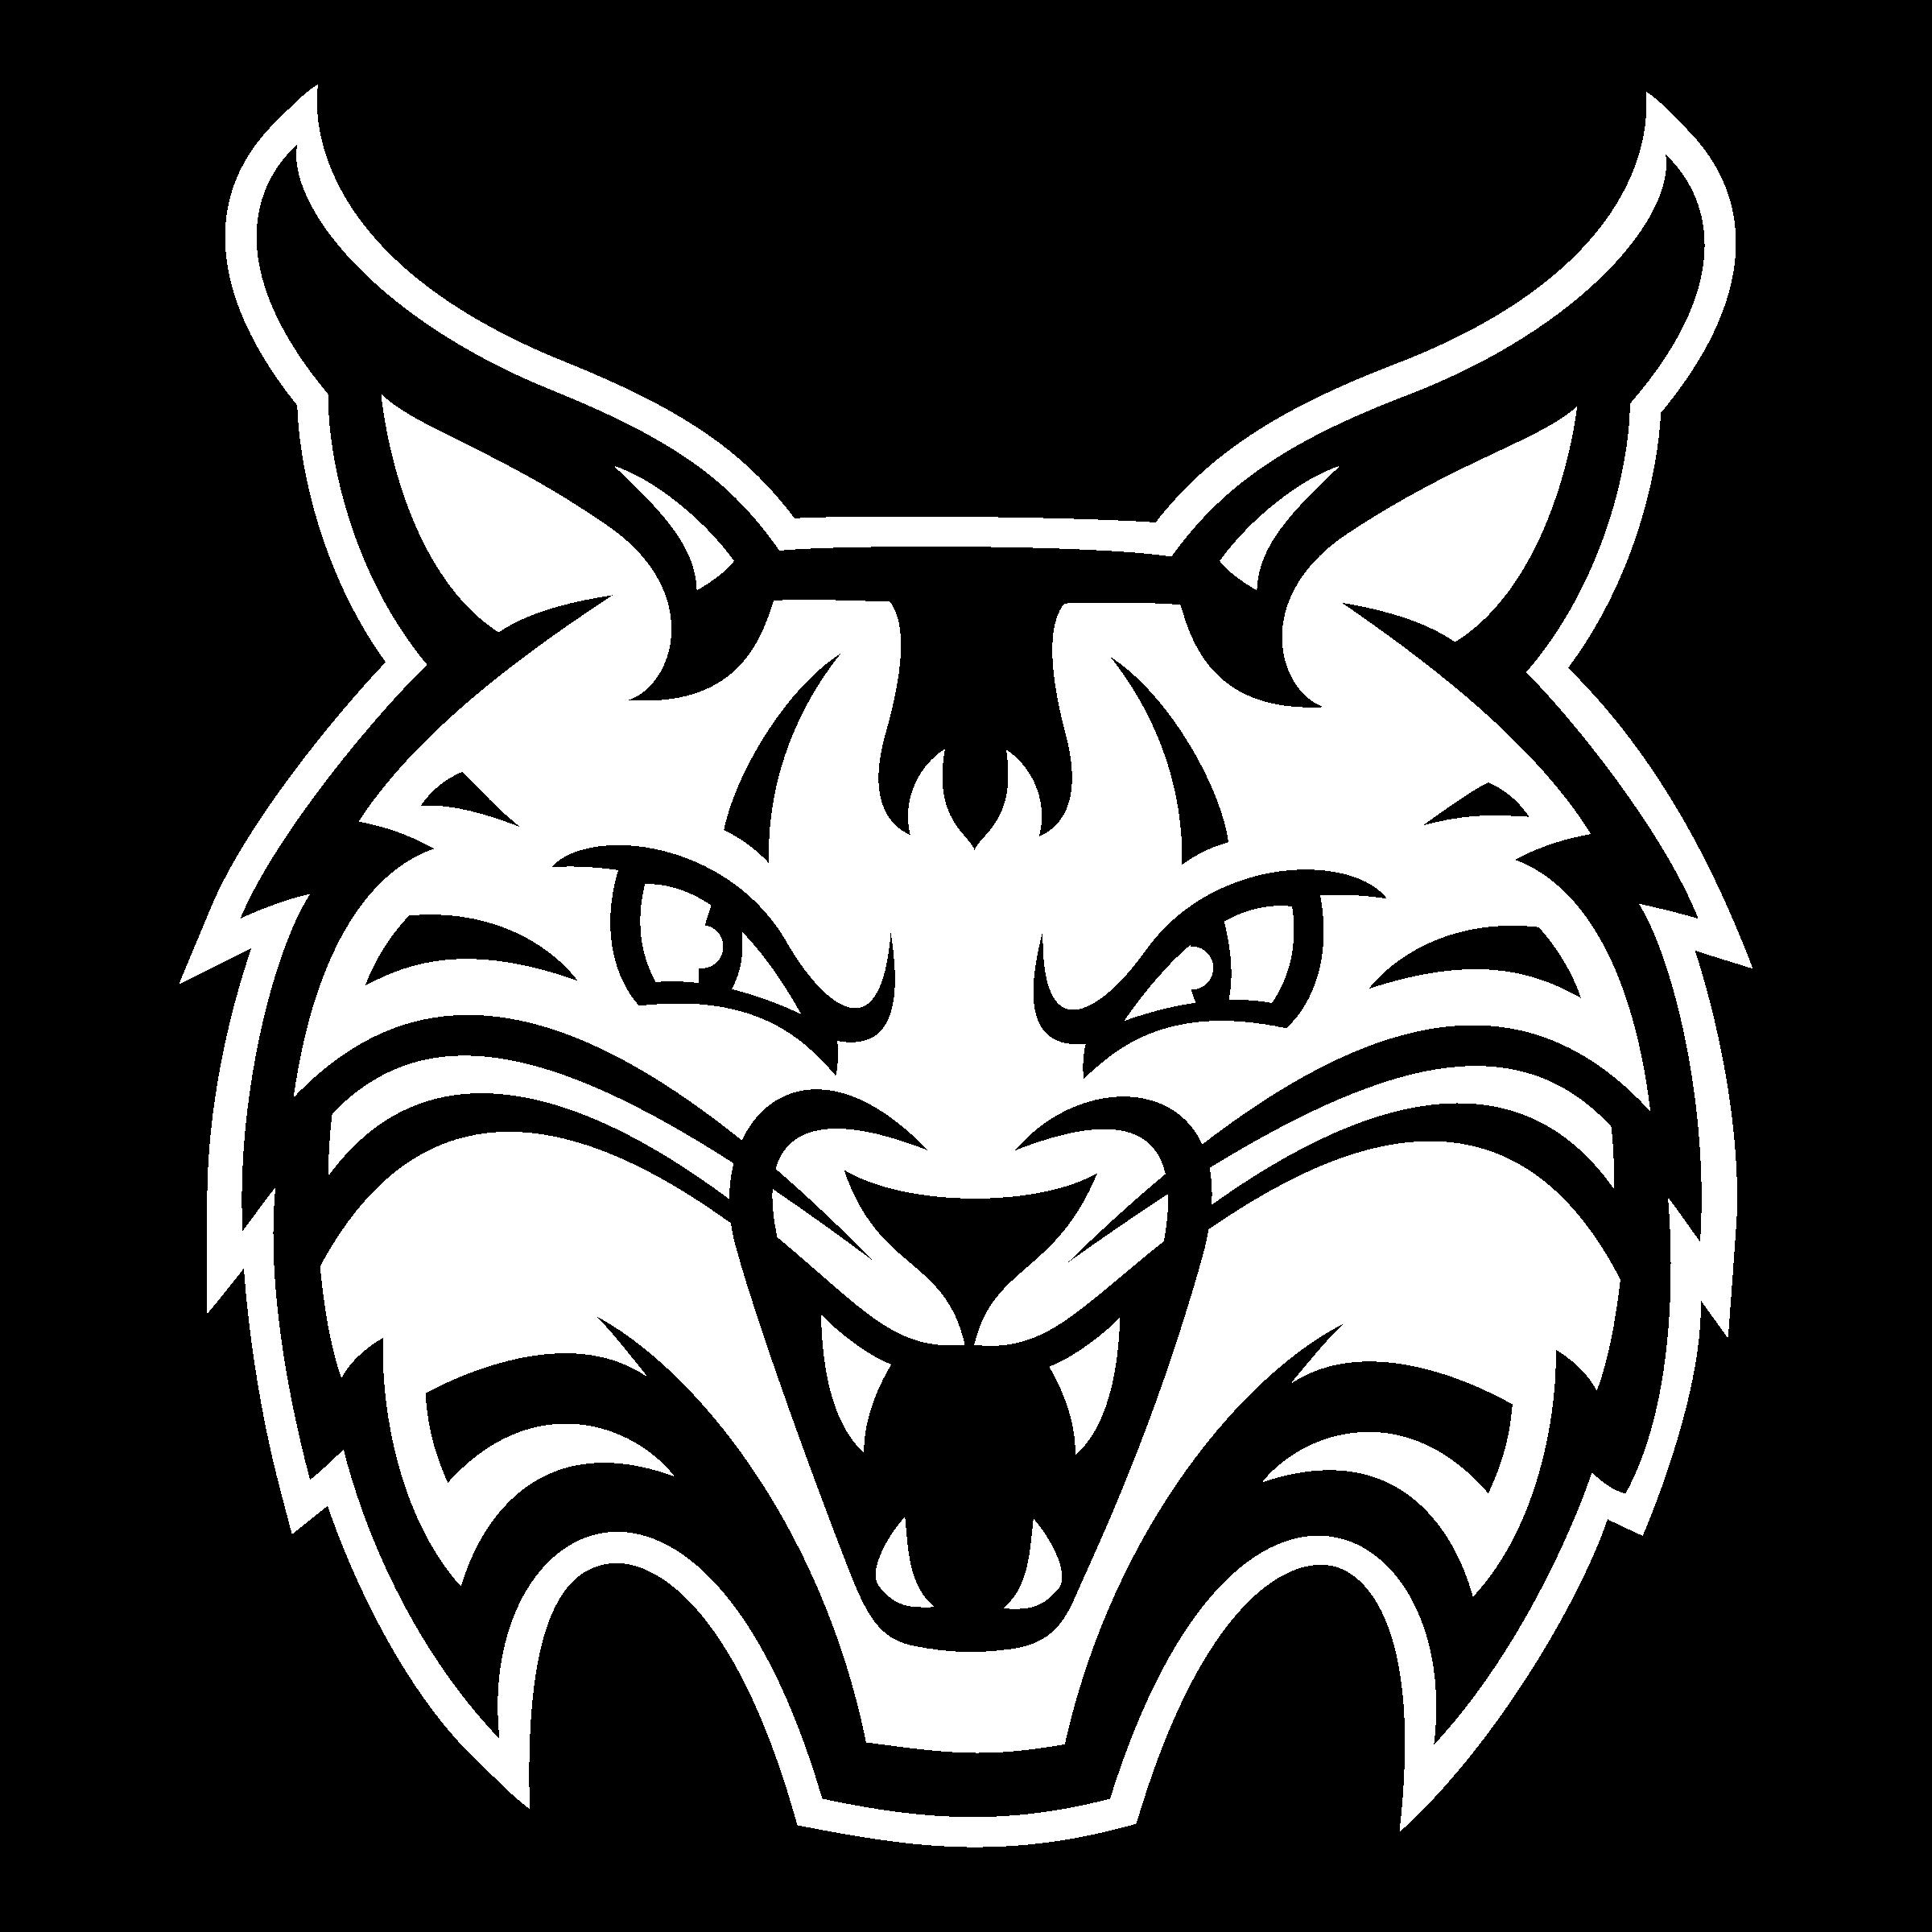 transparent library Quinnipiac bobcats logo png. Bobcat clipart svg